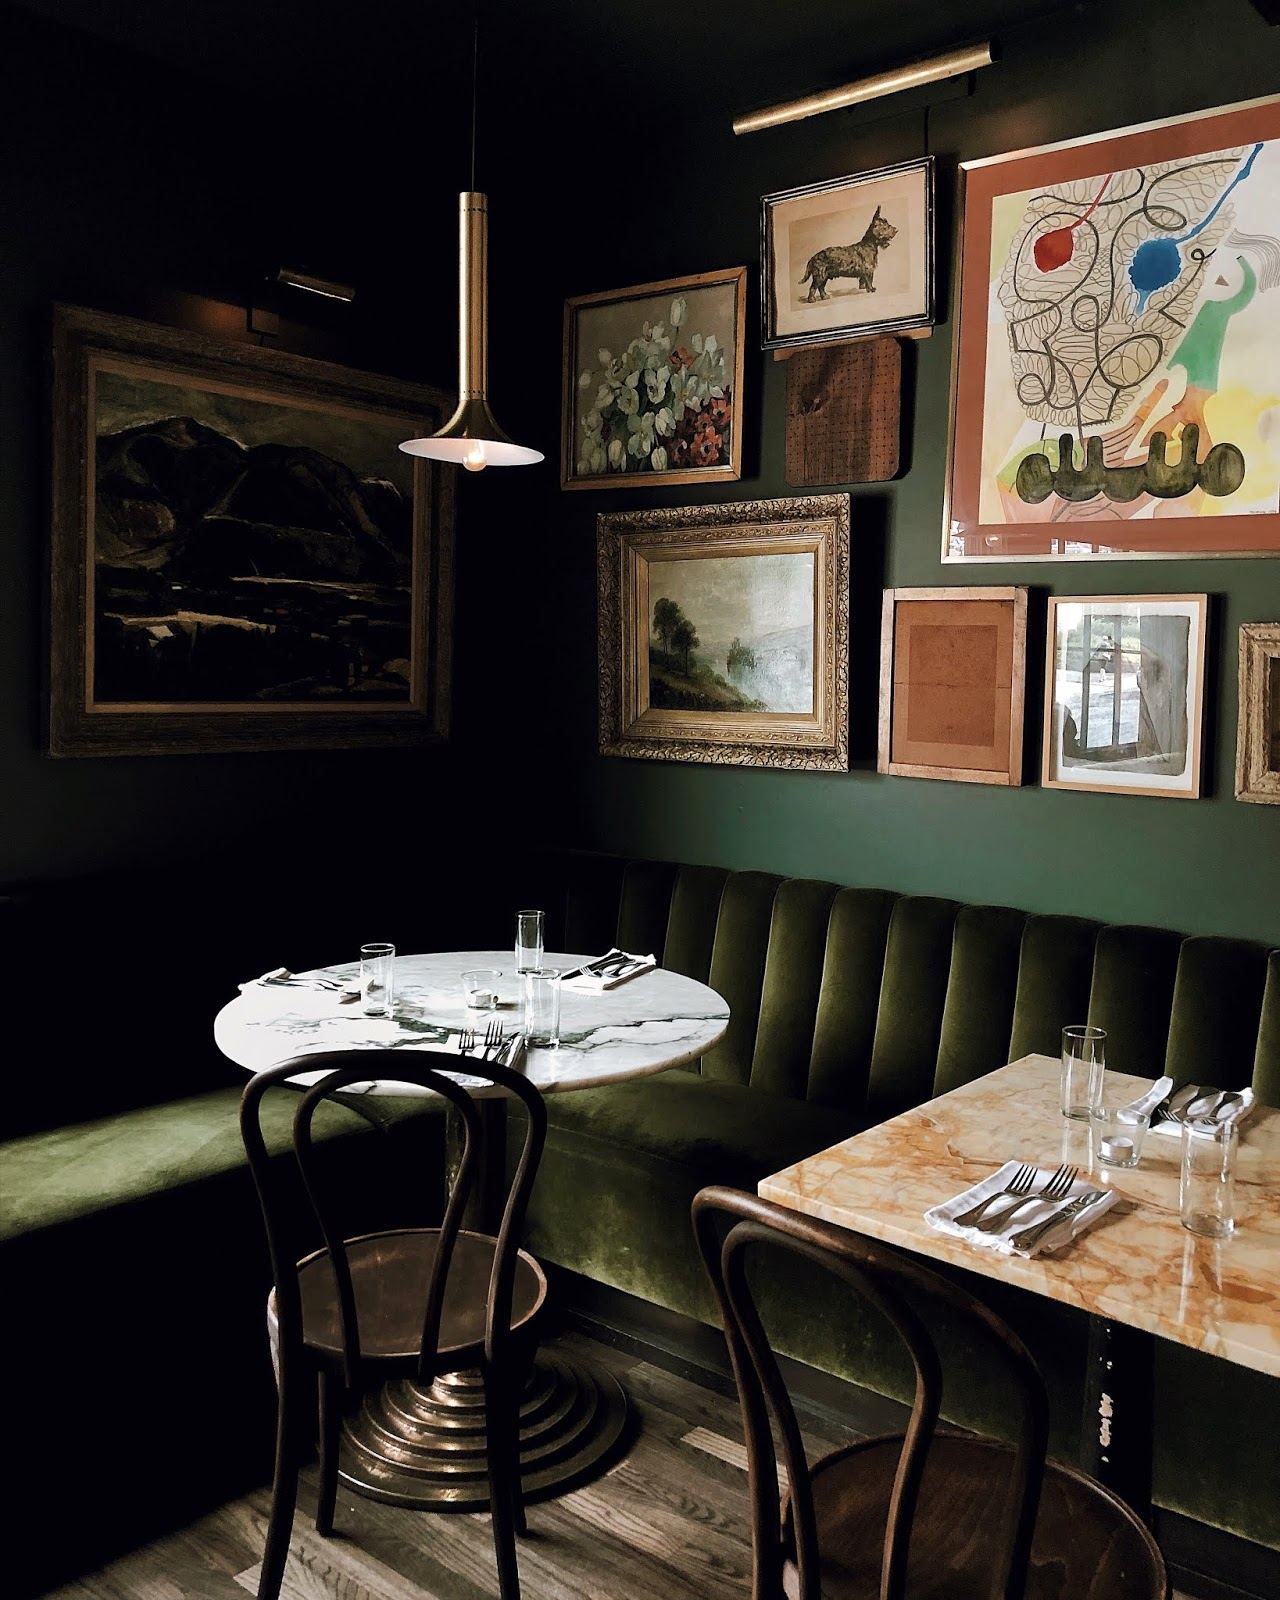 Woodstock New York, Silvia restaurant, green velvet interior - FOREVERVANNY / 072018 / Home Sweet Home